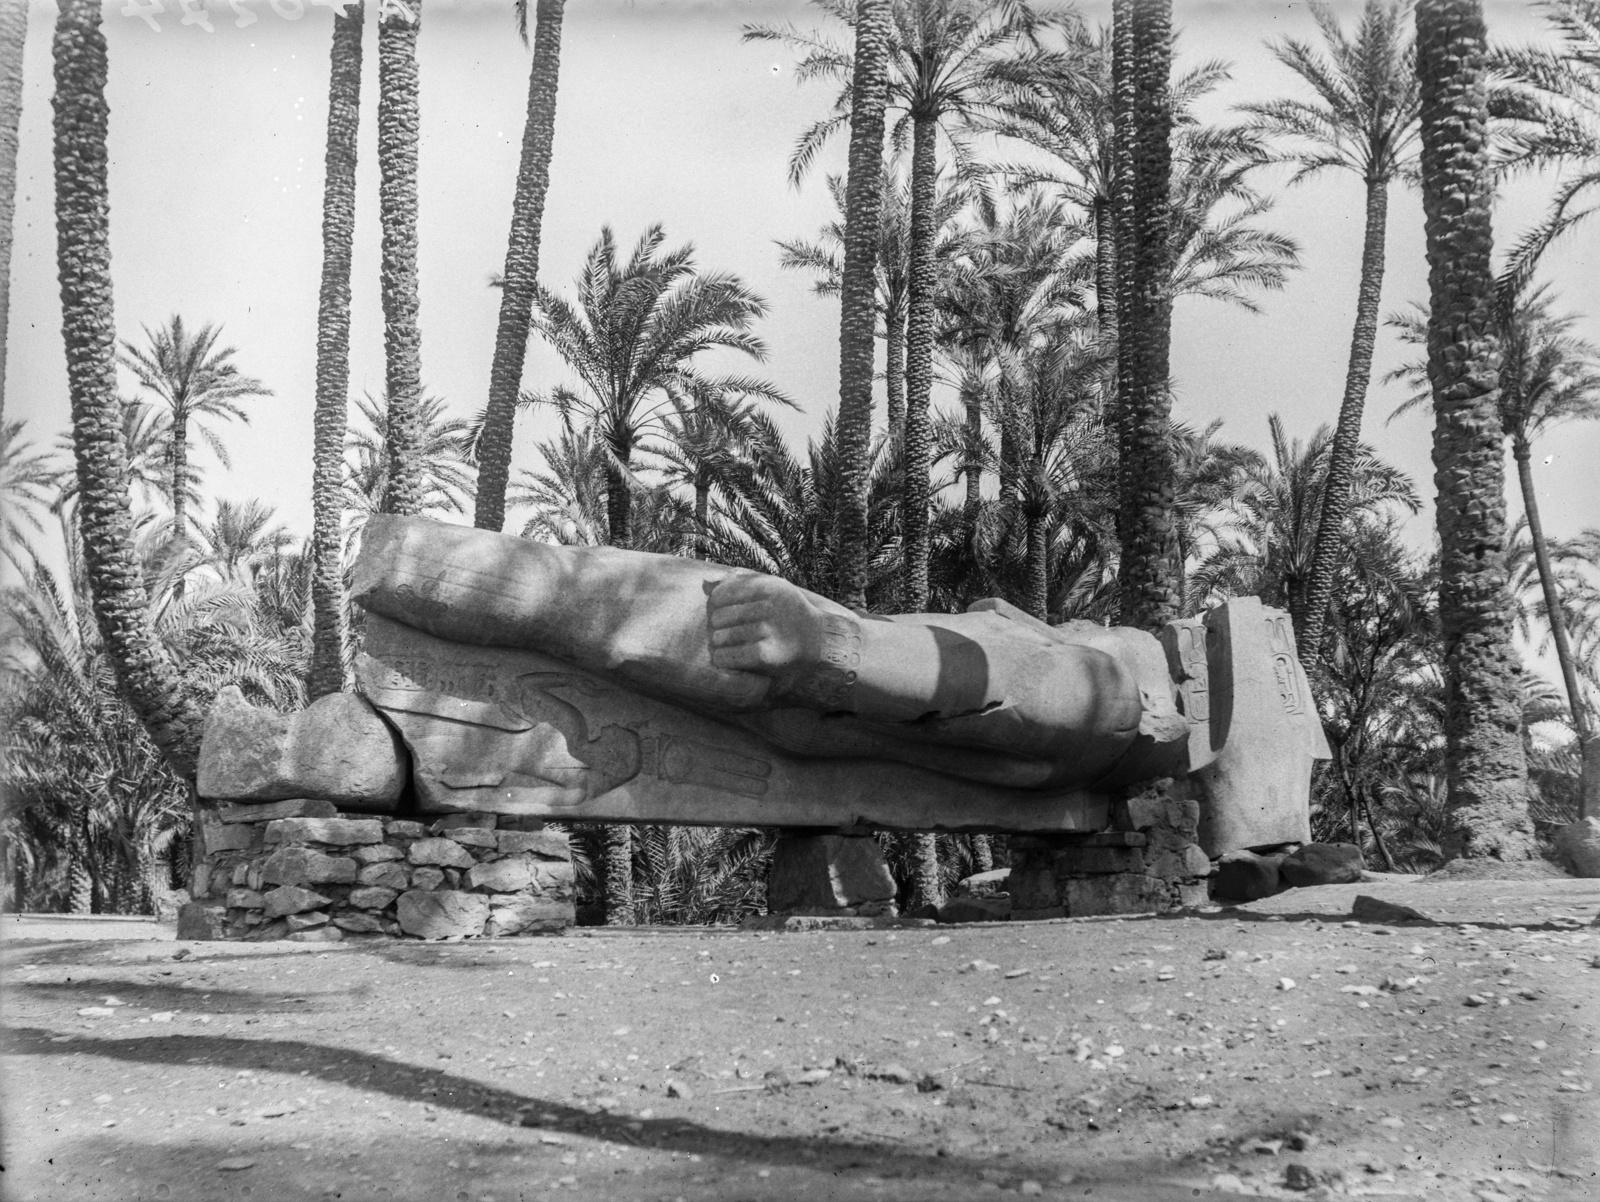 Мемфис. Статуя Рамзеса II покоится на камнях под пальмами